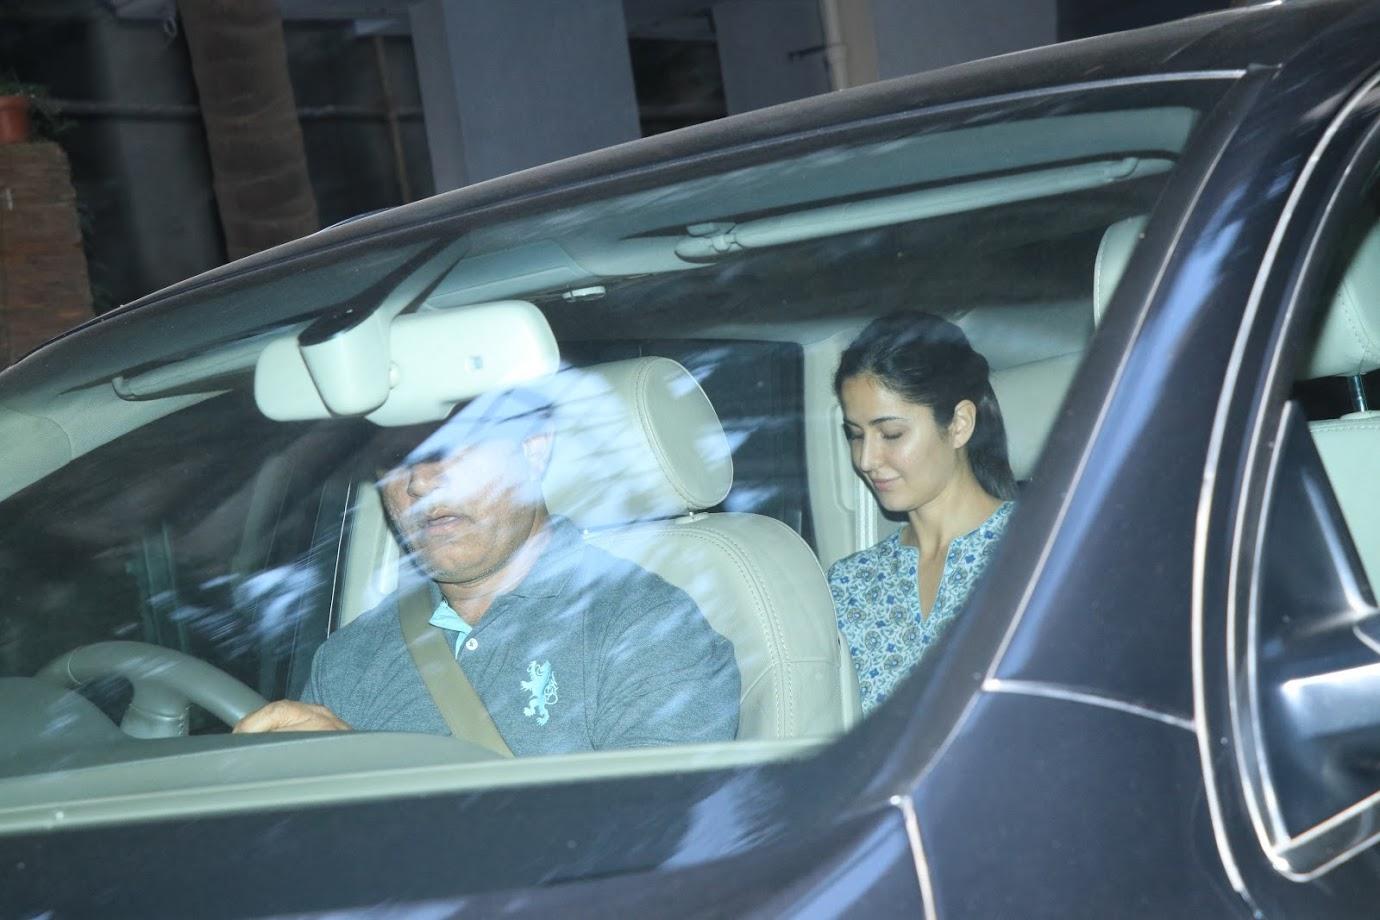 बॉलिवूड अभिनेत्री कतरिना कैफने आपल्या गाड्यांच्या कलेक्शनमध्ये अजून एक महागडी कार आणि ब्रँडचा समावेश केला आहे.